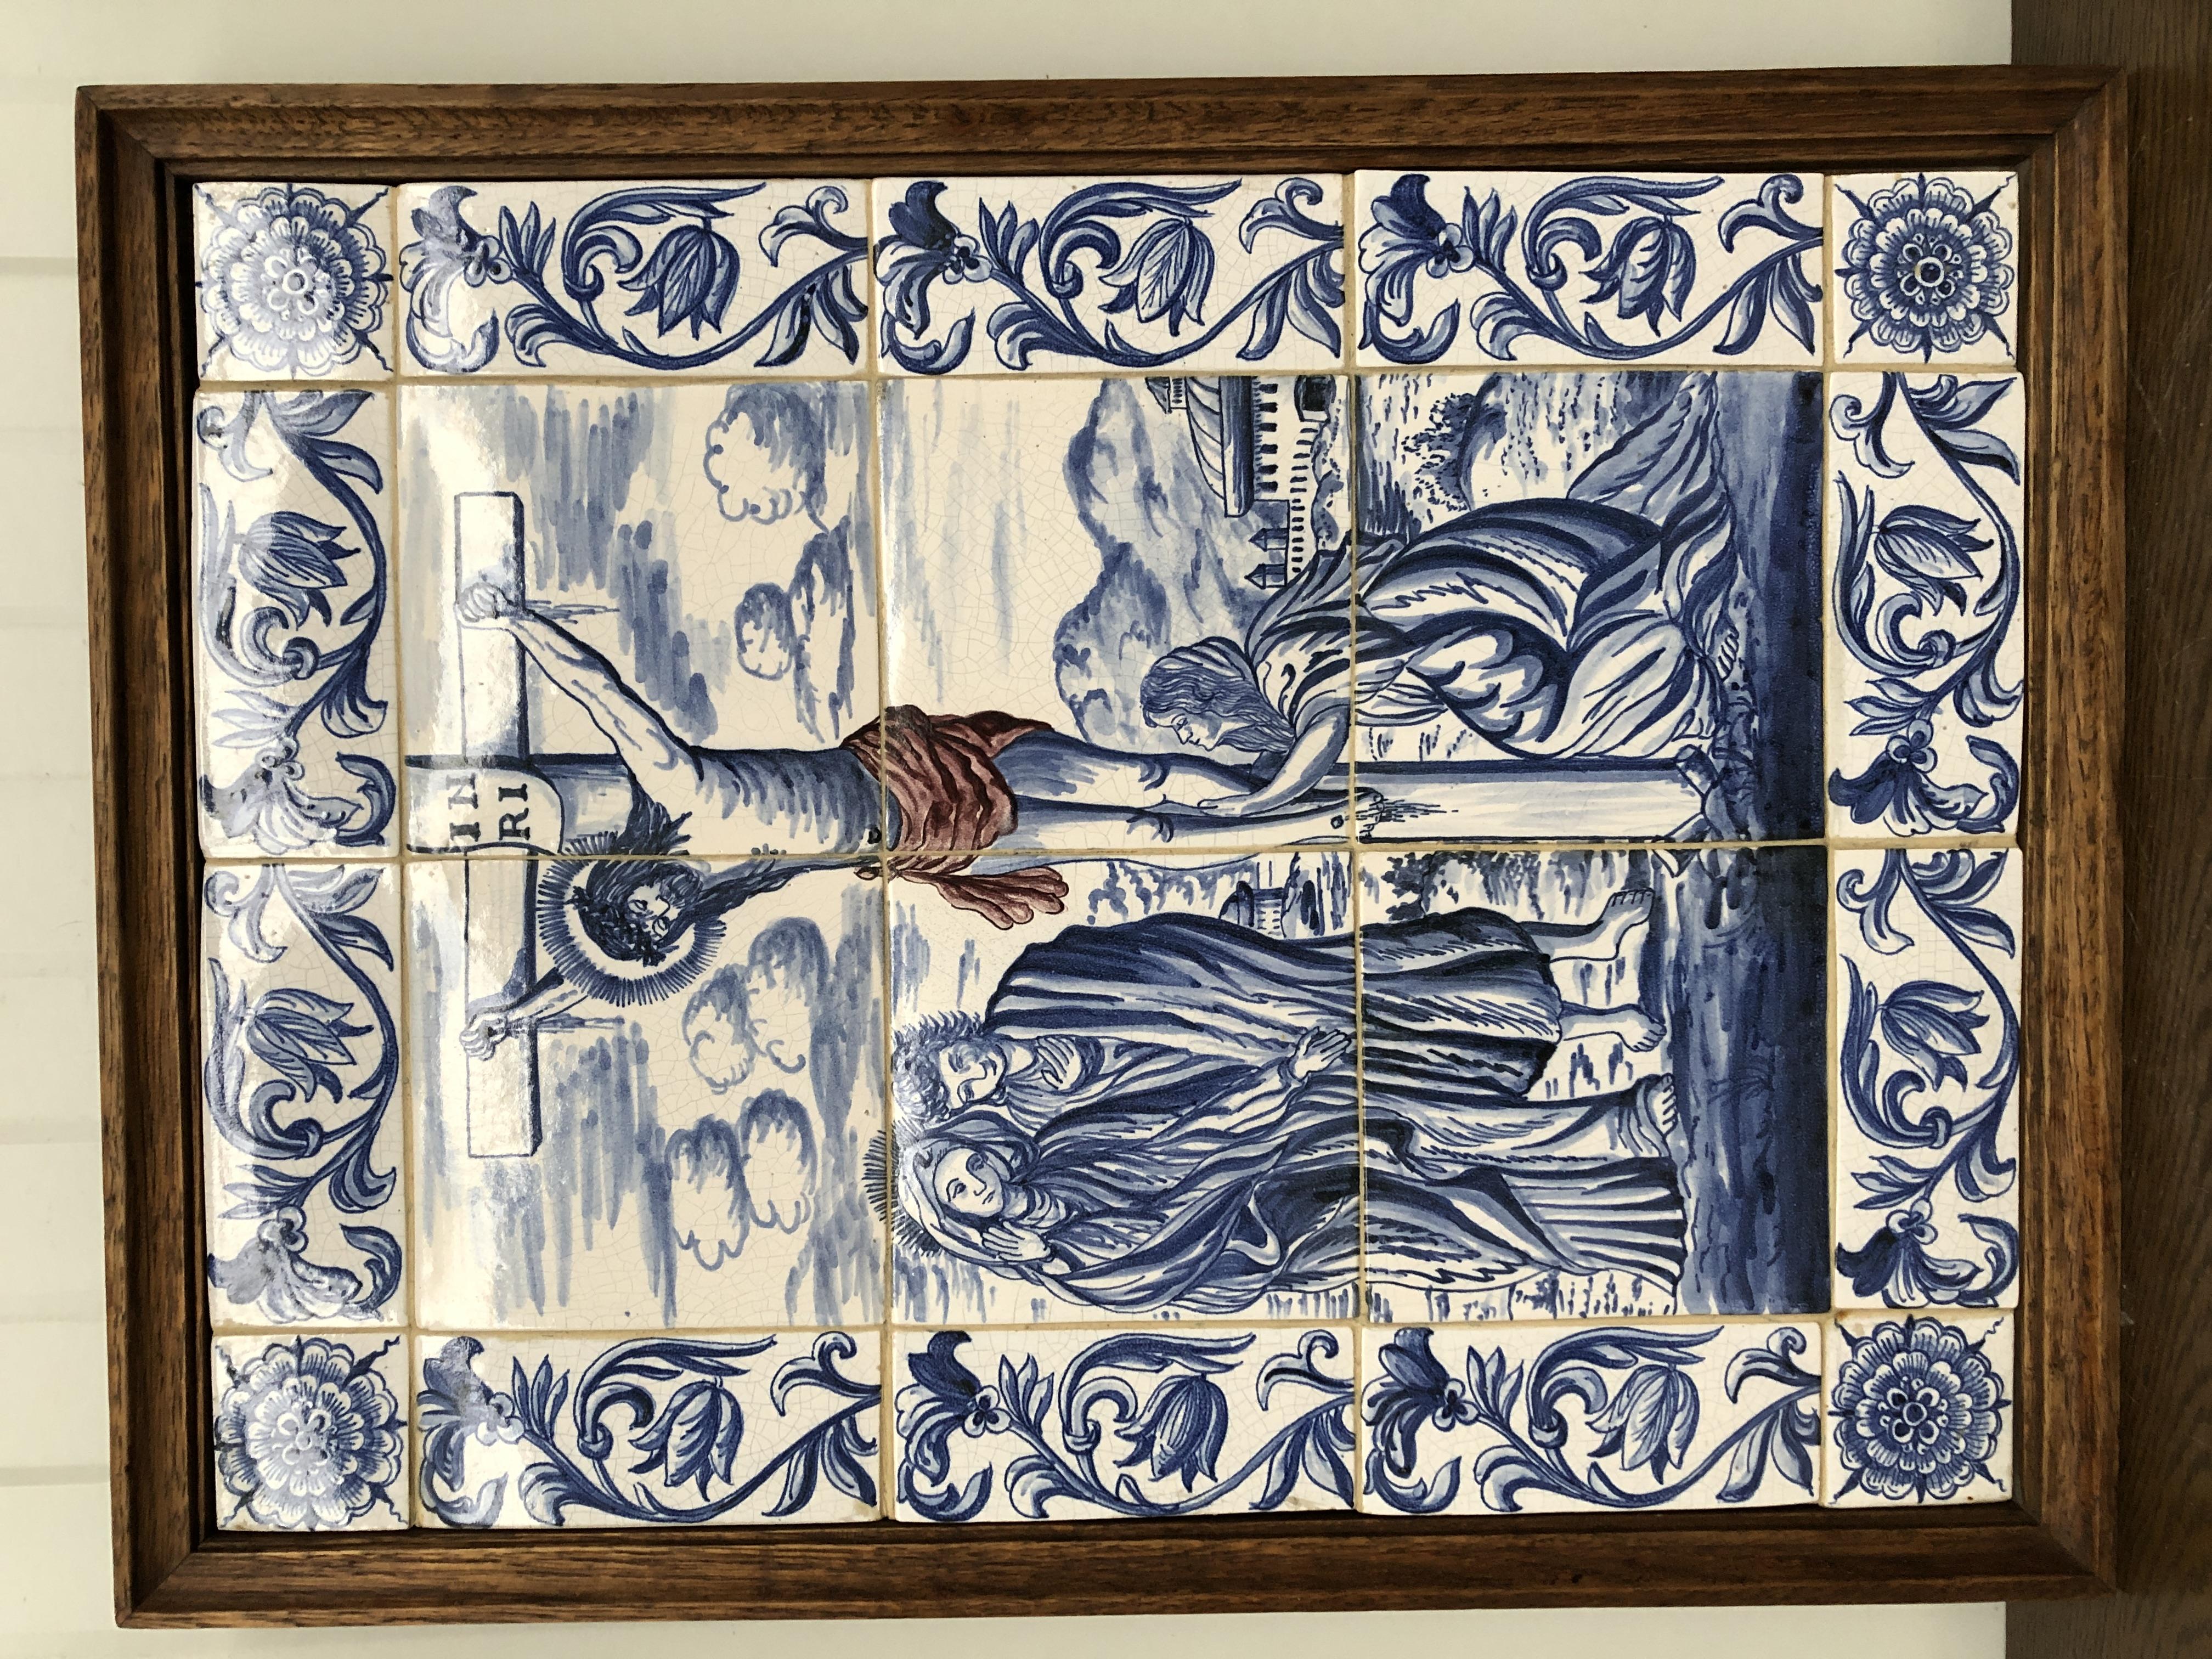 Religious Tiles in frame